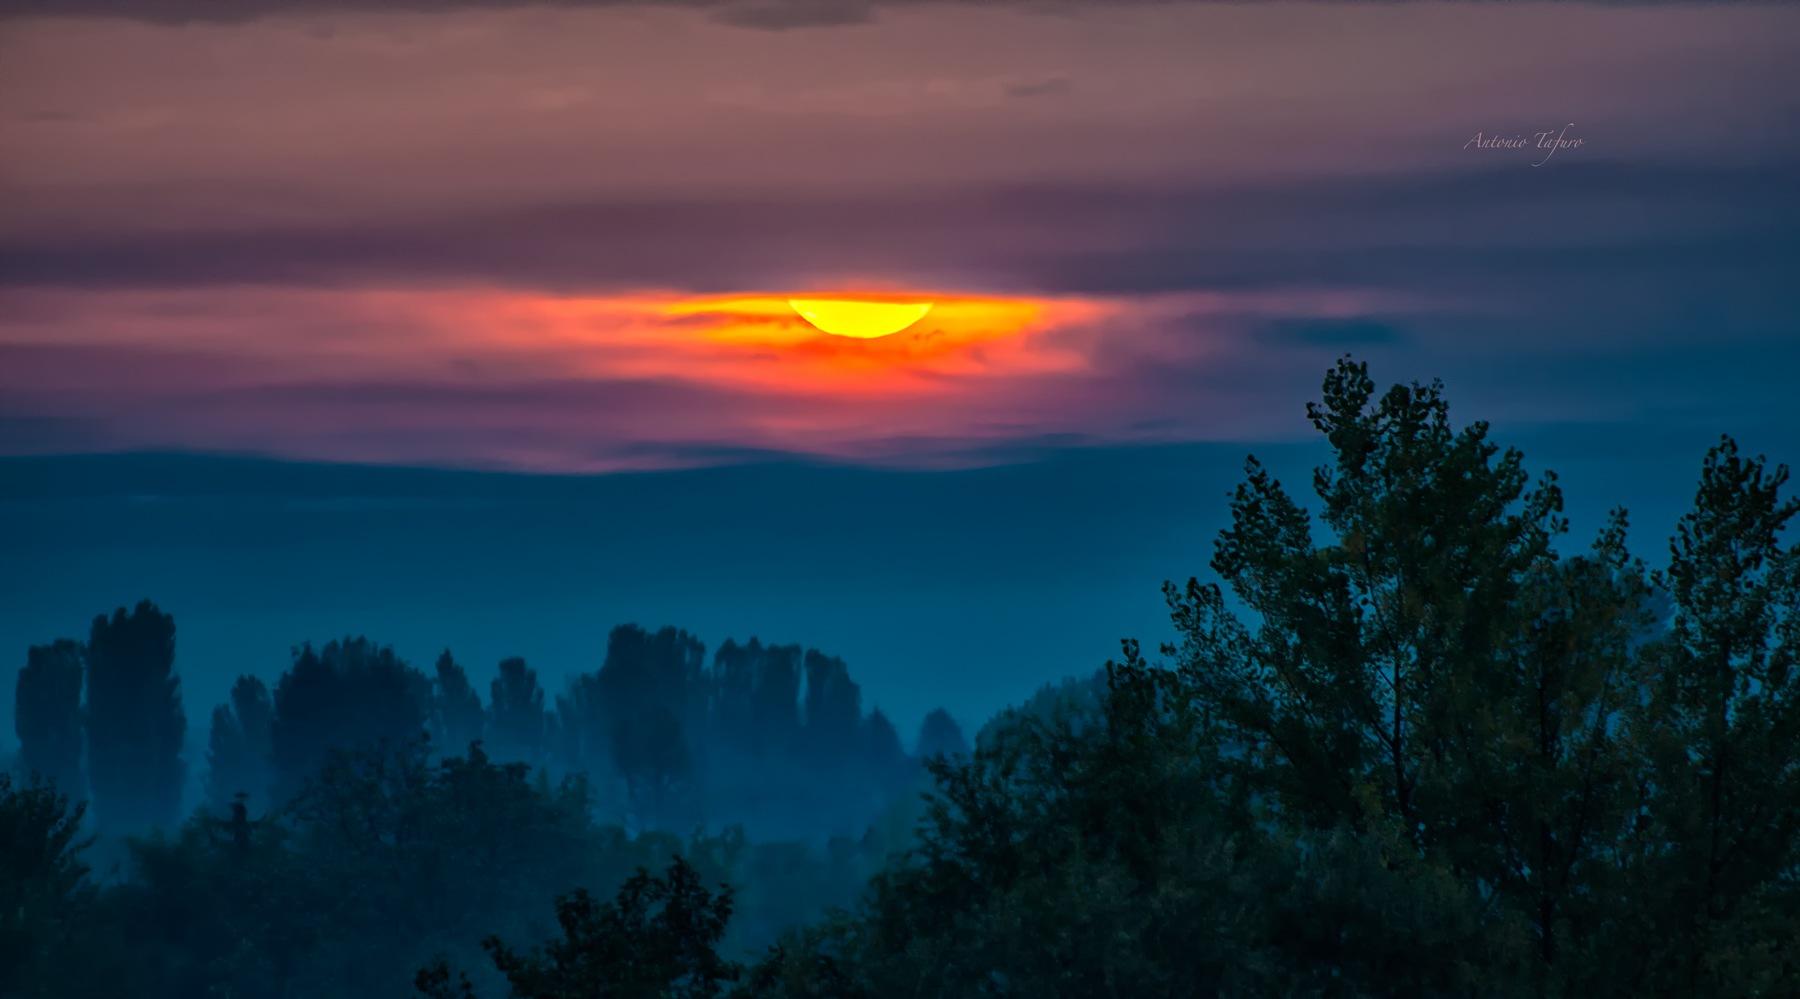 sunset by Antonio Tafuro